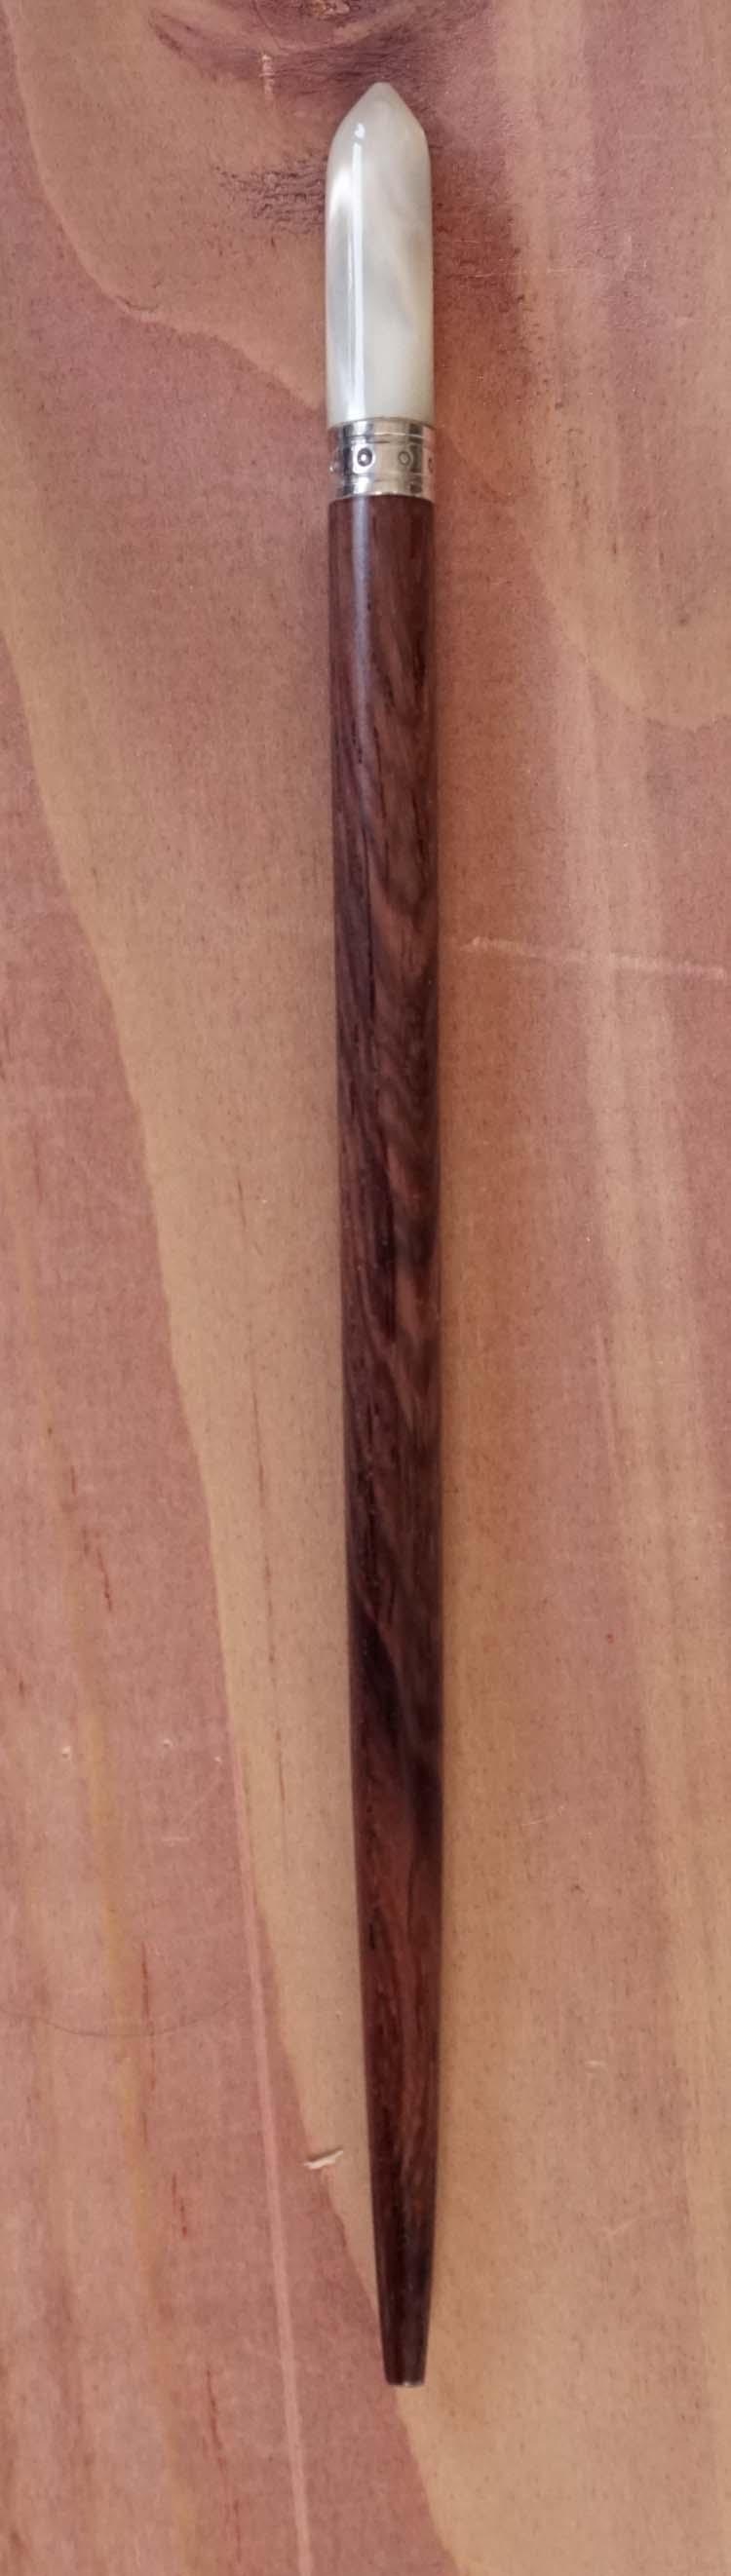 """Haarstokje van hout en bot """" Bruin / zilverkleurig / creme """""""